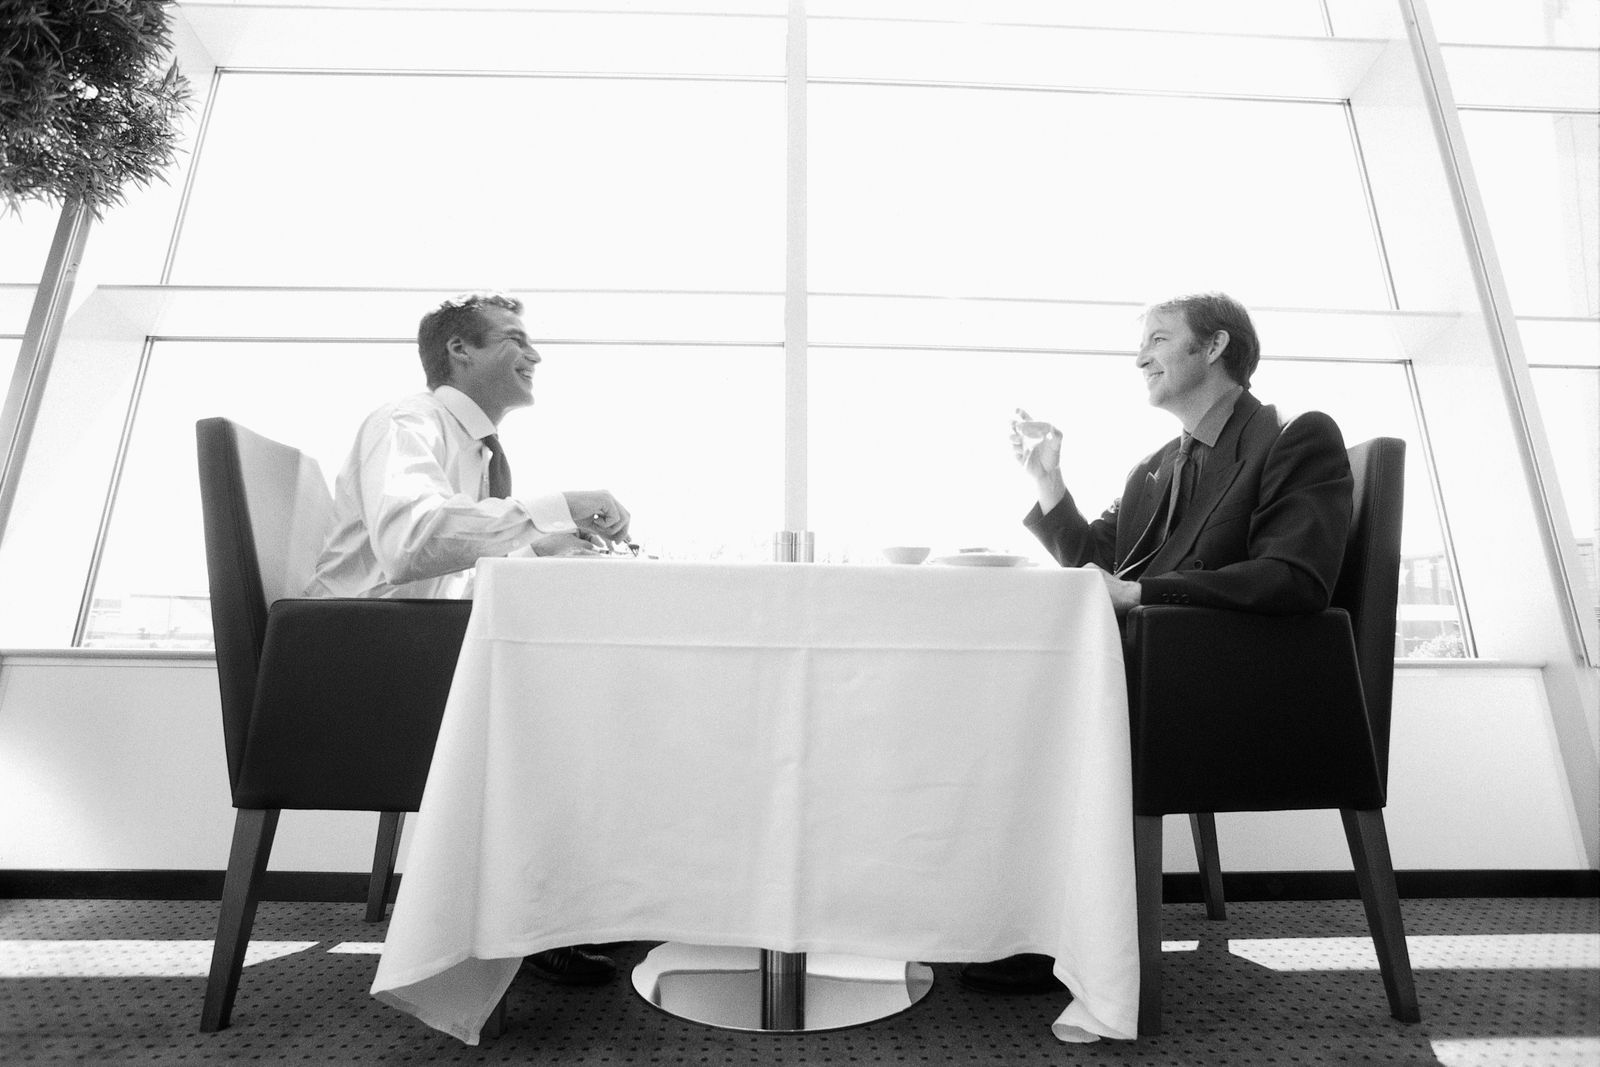 NICHT MEHR VERWENDEN! - Business Lunch / Geschäftsessen / Essen / Restaurant